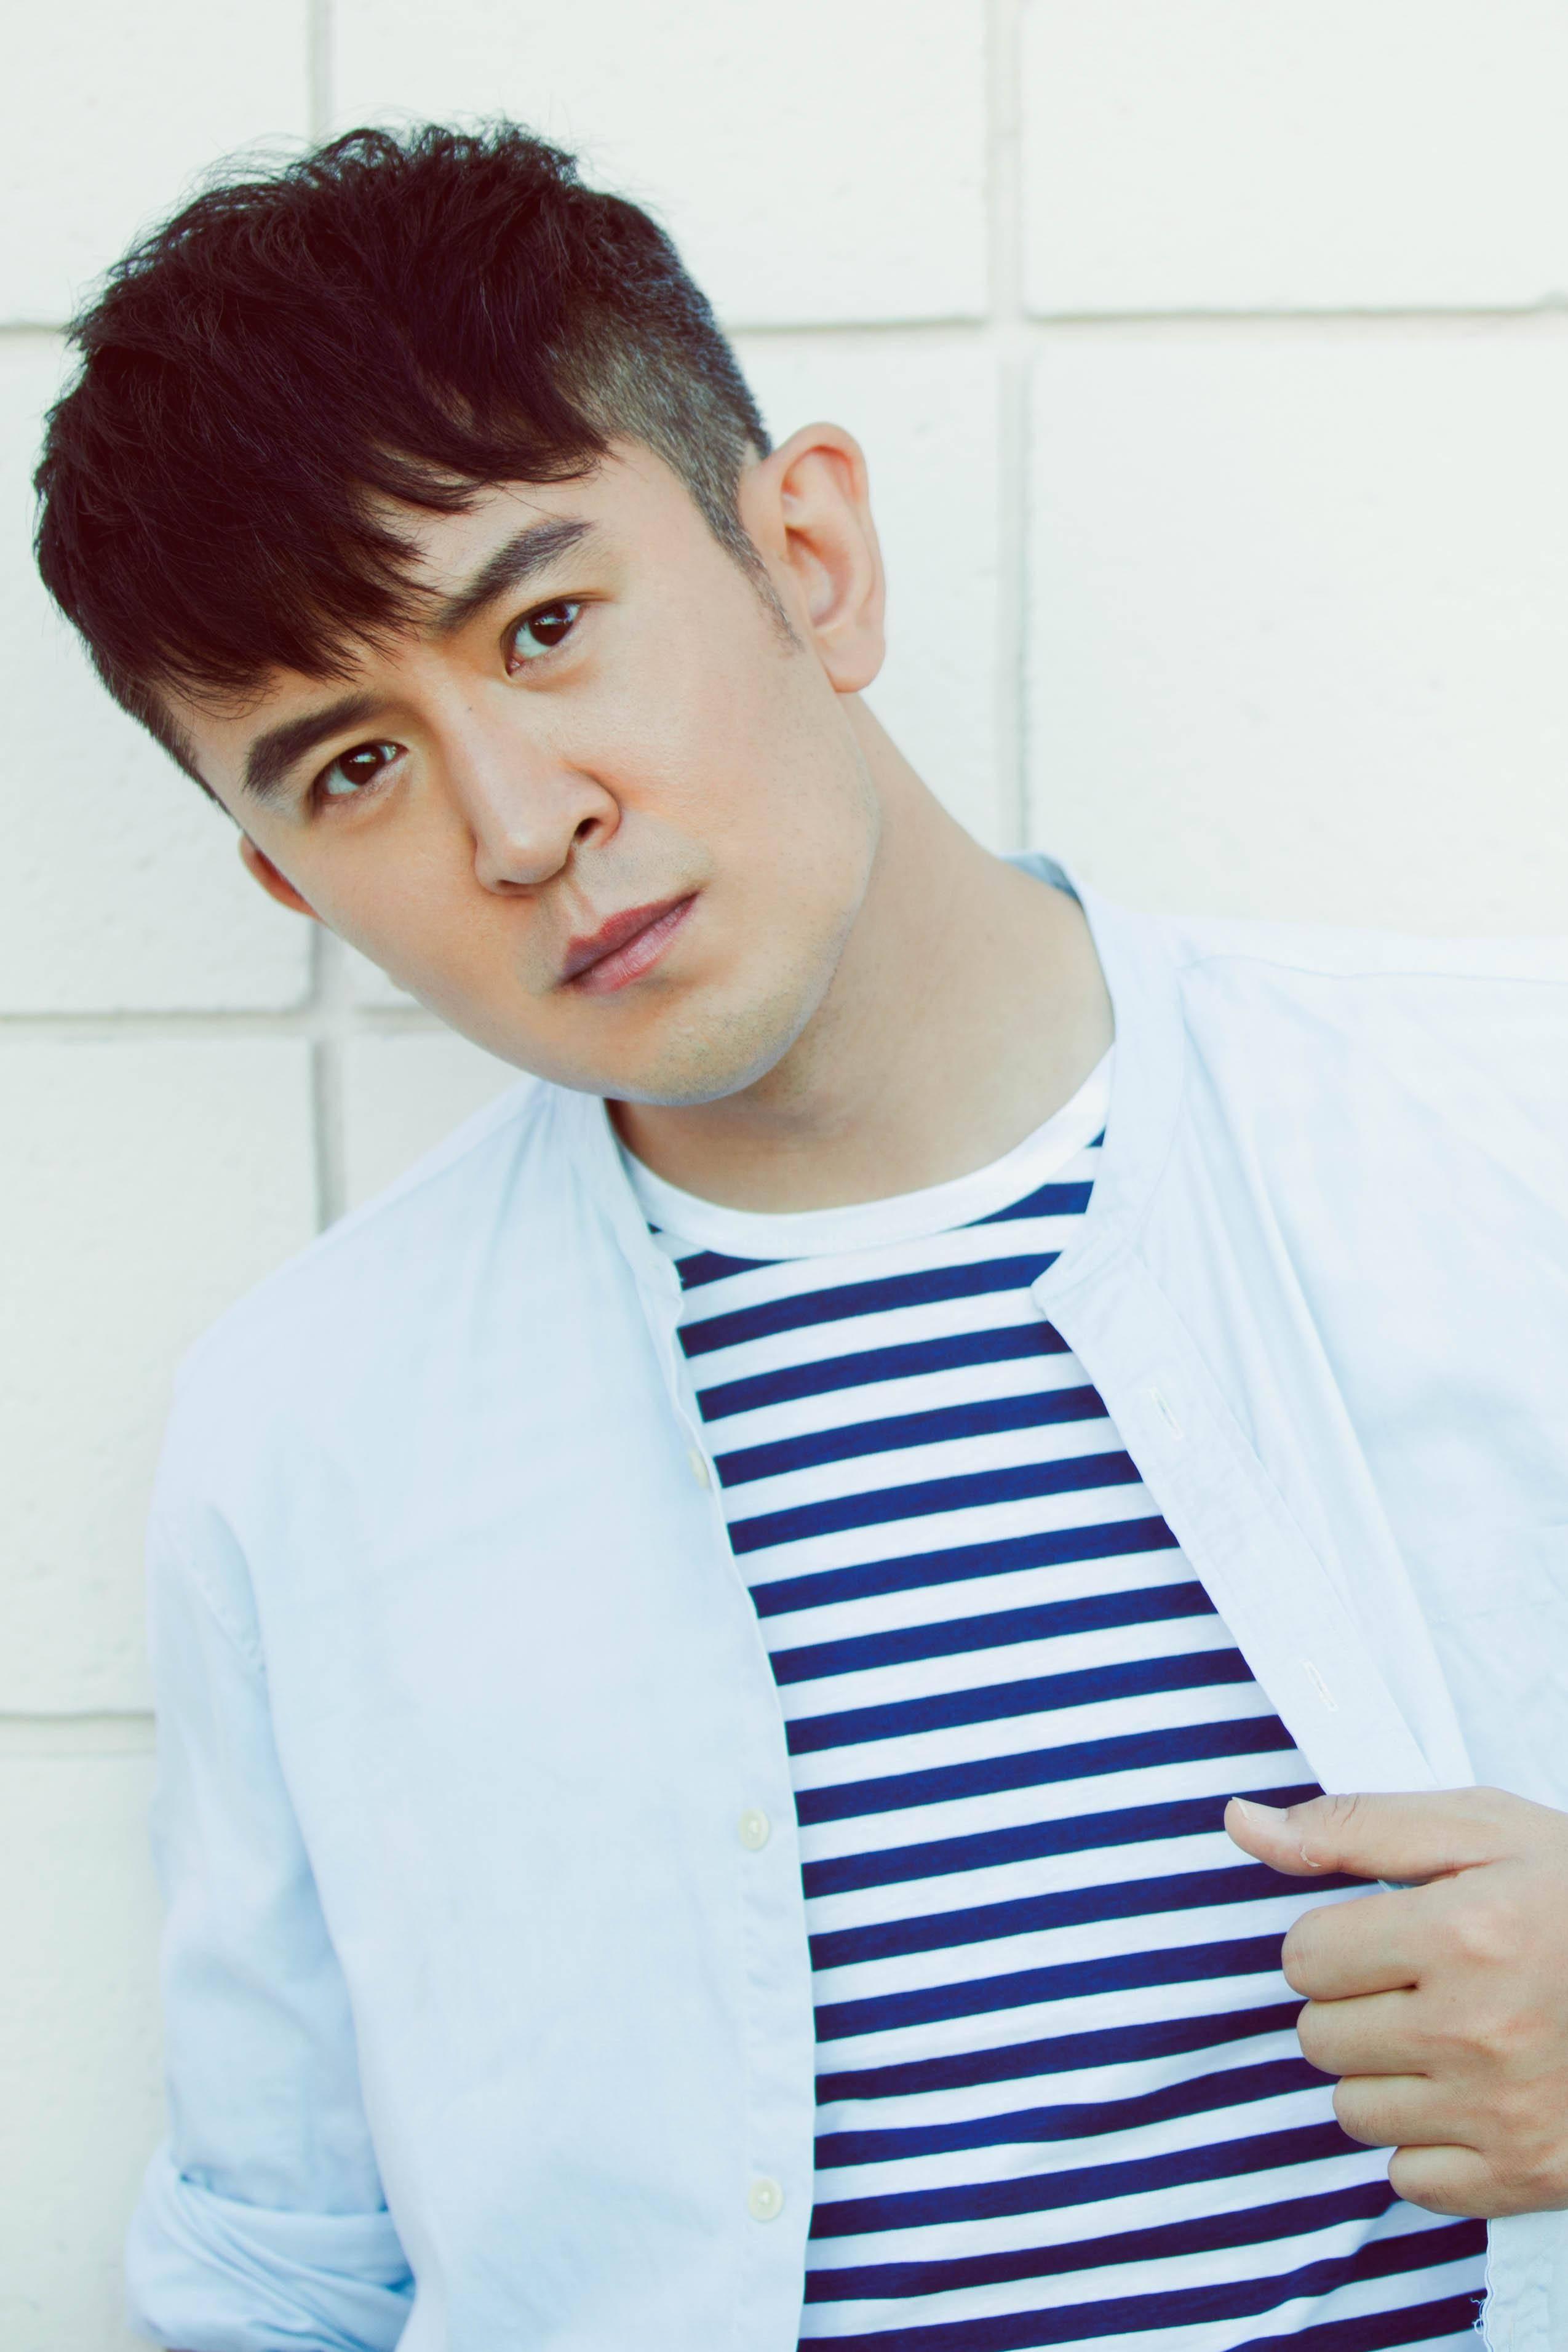 演员郭家铭再次无底线炒作引热议 网友:你不红是有道理的